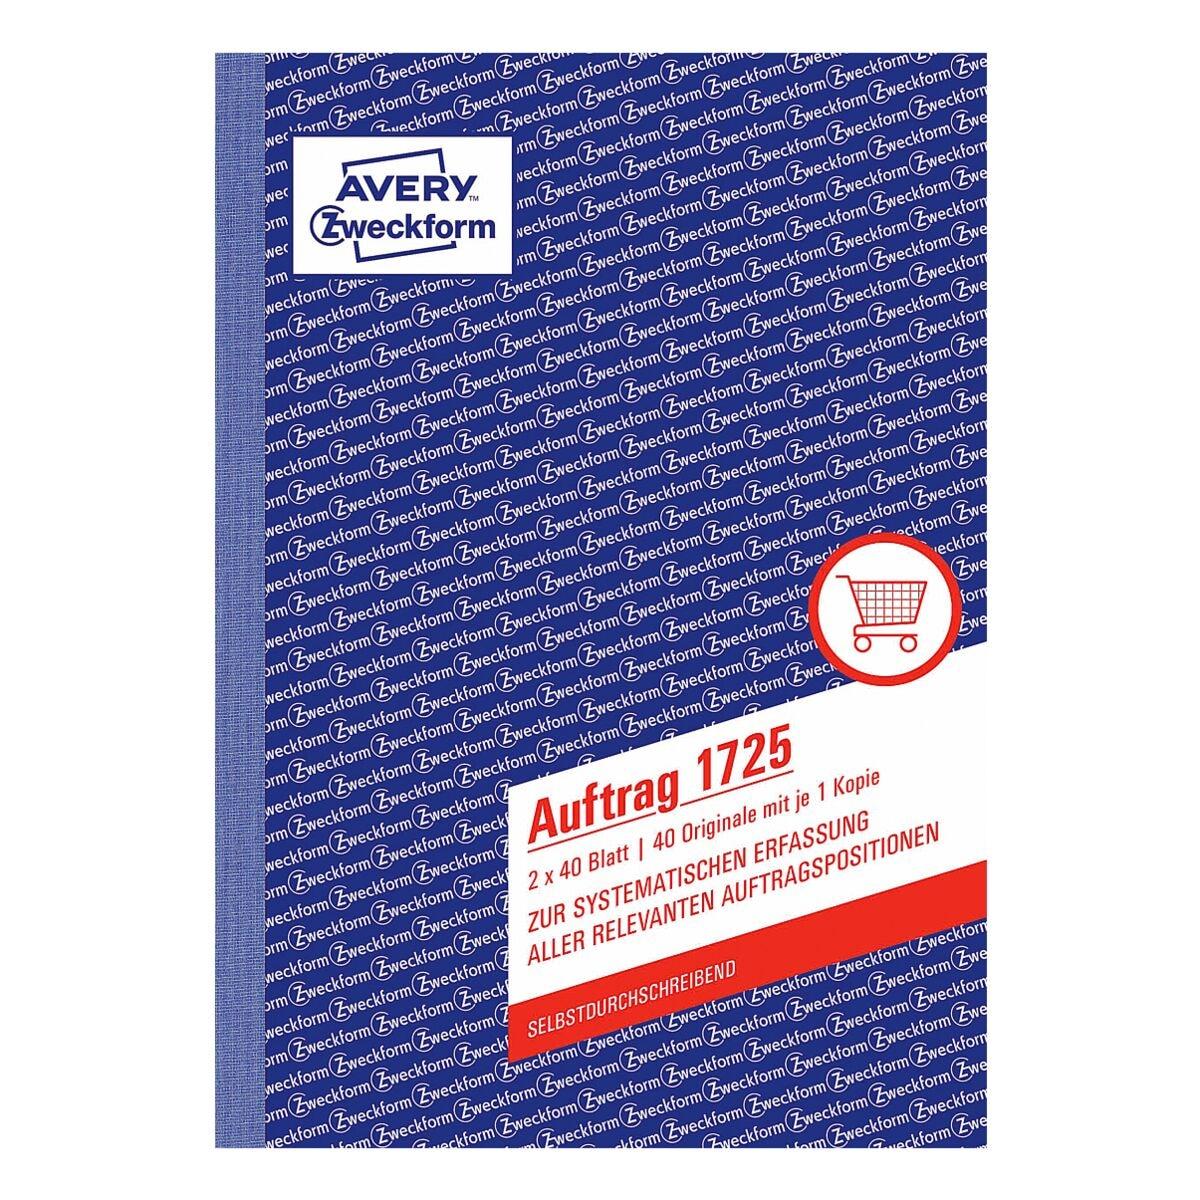 Avery Zweckform Formularbuch »Auftrag« A5 - 2-fach